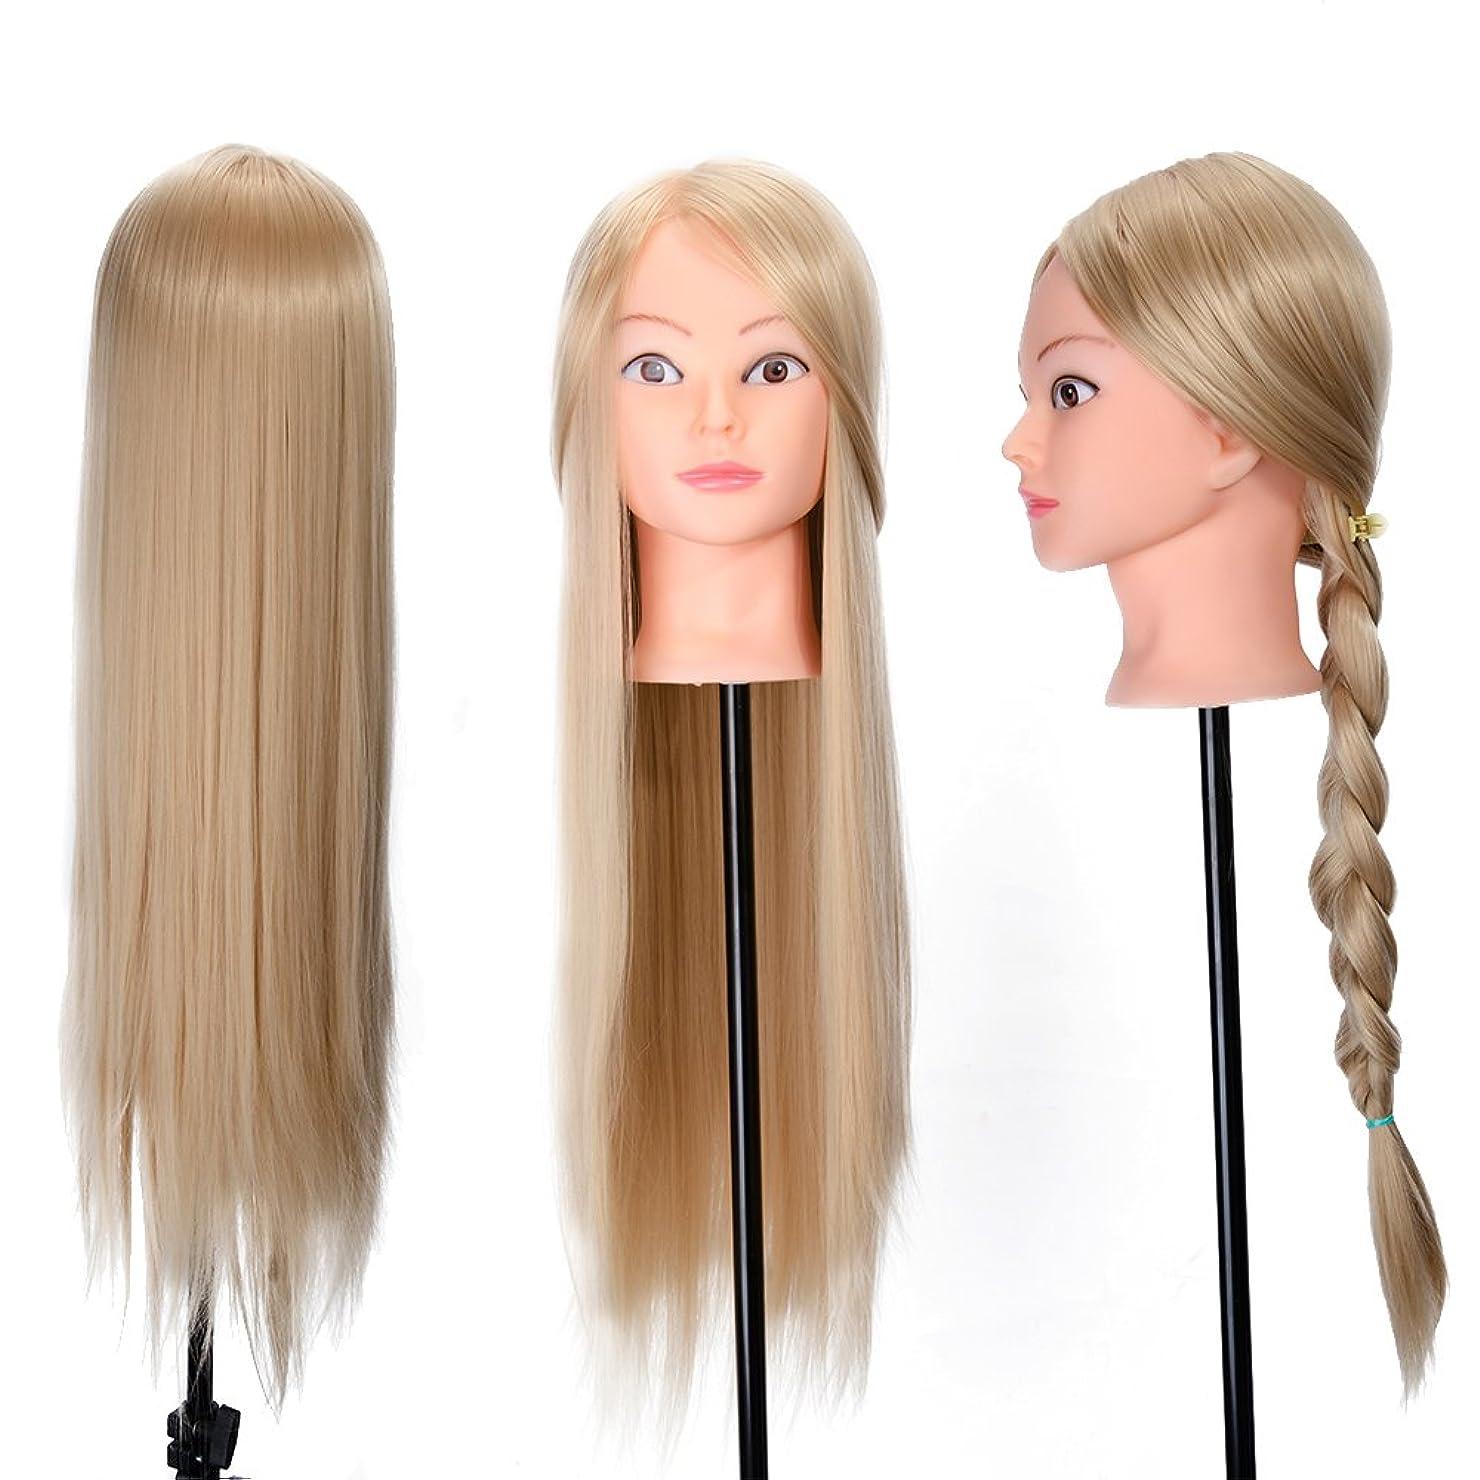 ラベンダーまた形26インチトレーニングヘッドヘア編組モデルヘアスタイル人形でテーブルクランプサロンスタイリングデザインマネキンダミーヘッド